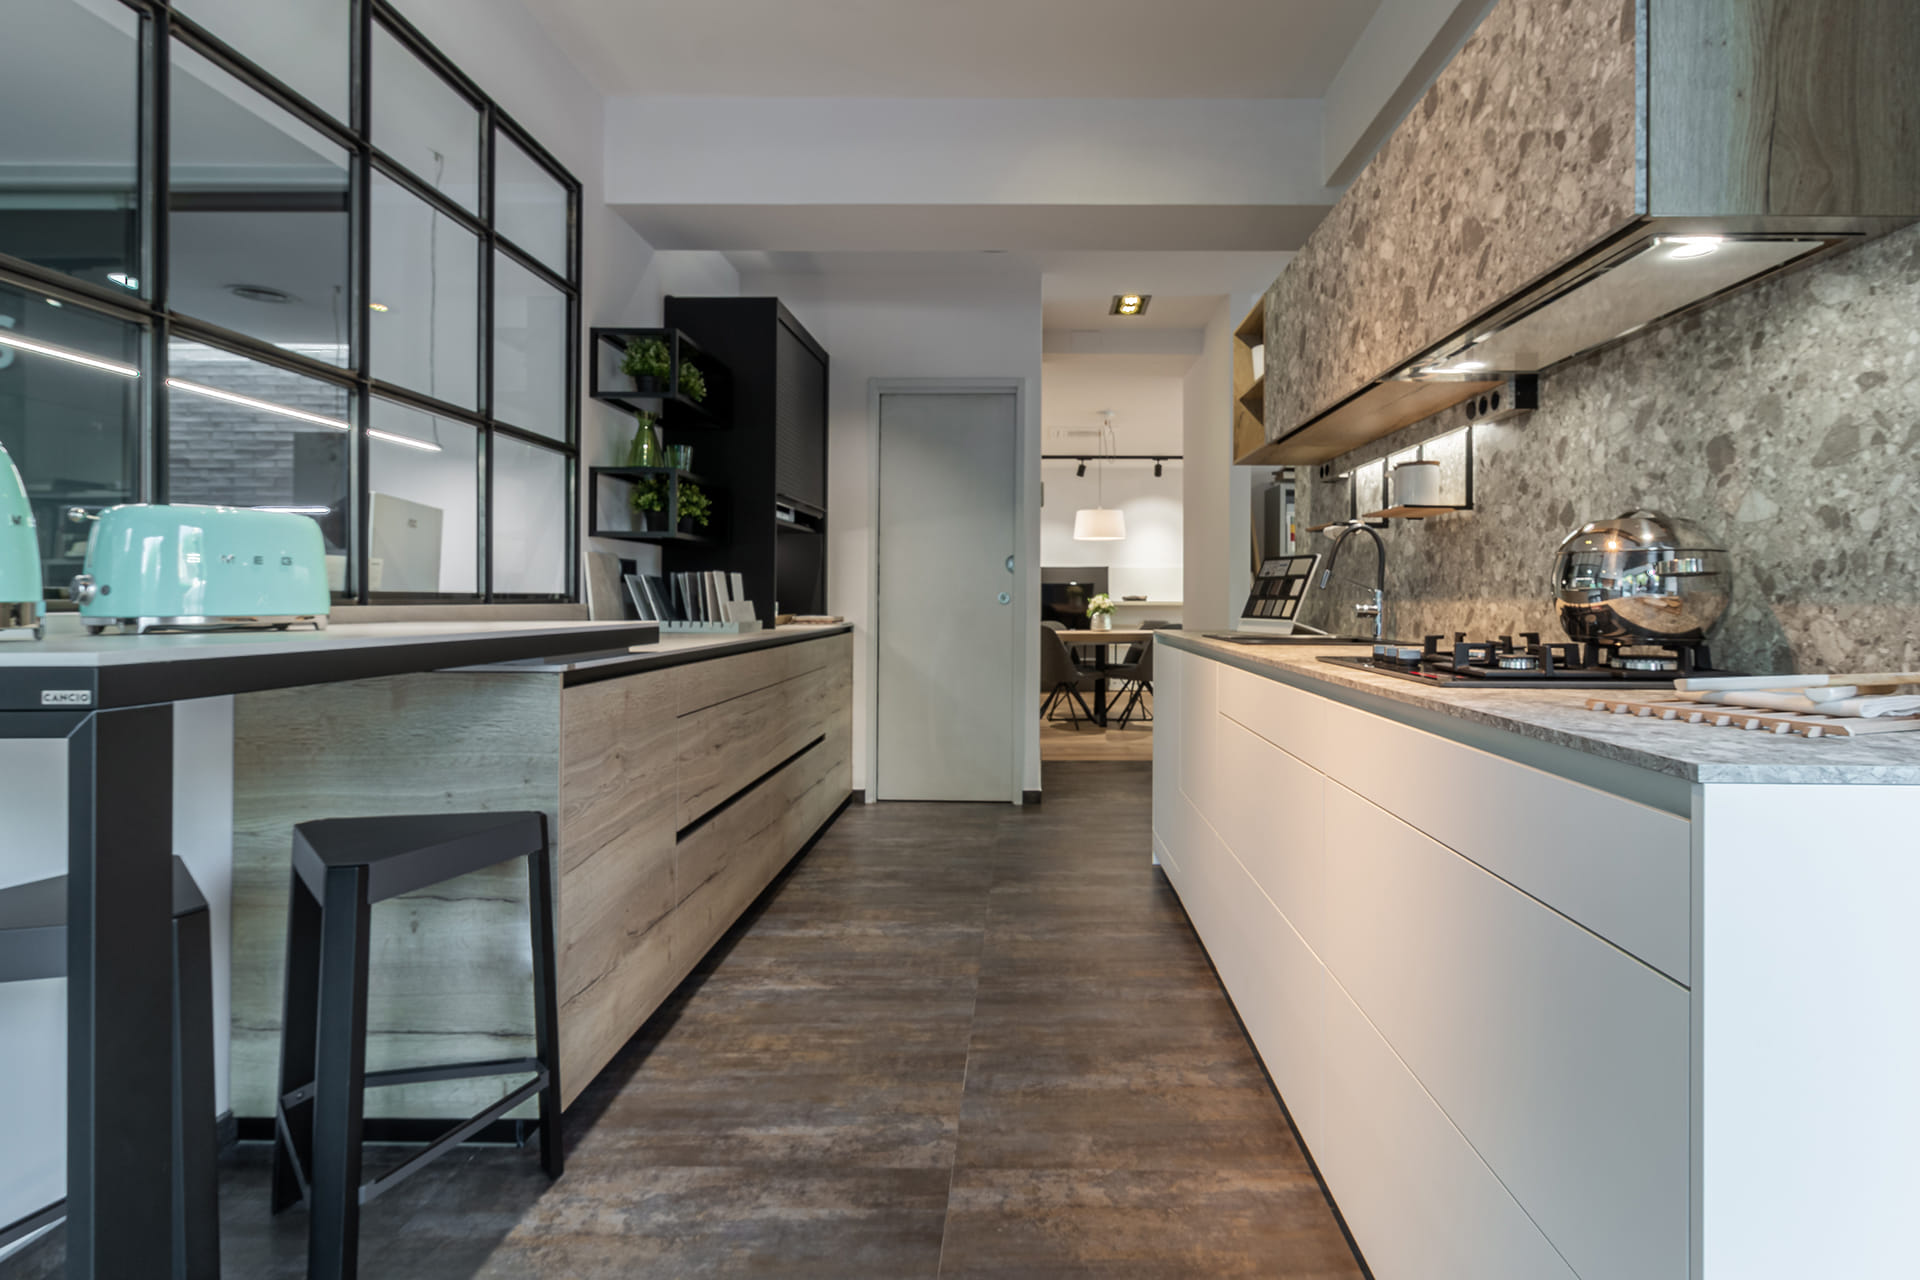 Open Santos keuken in expositie in Barcelona